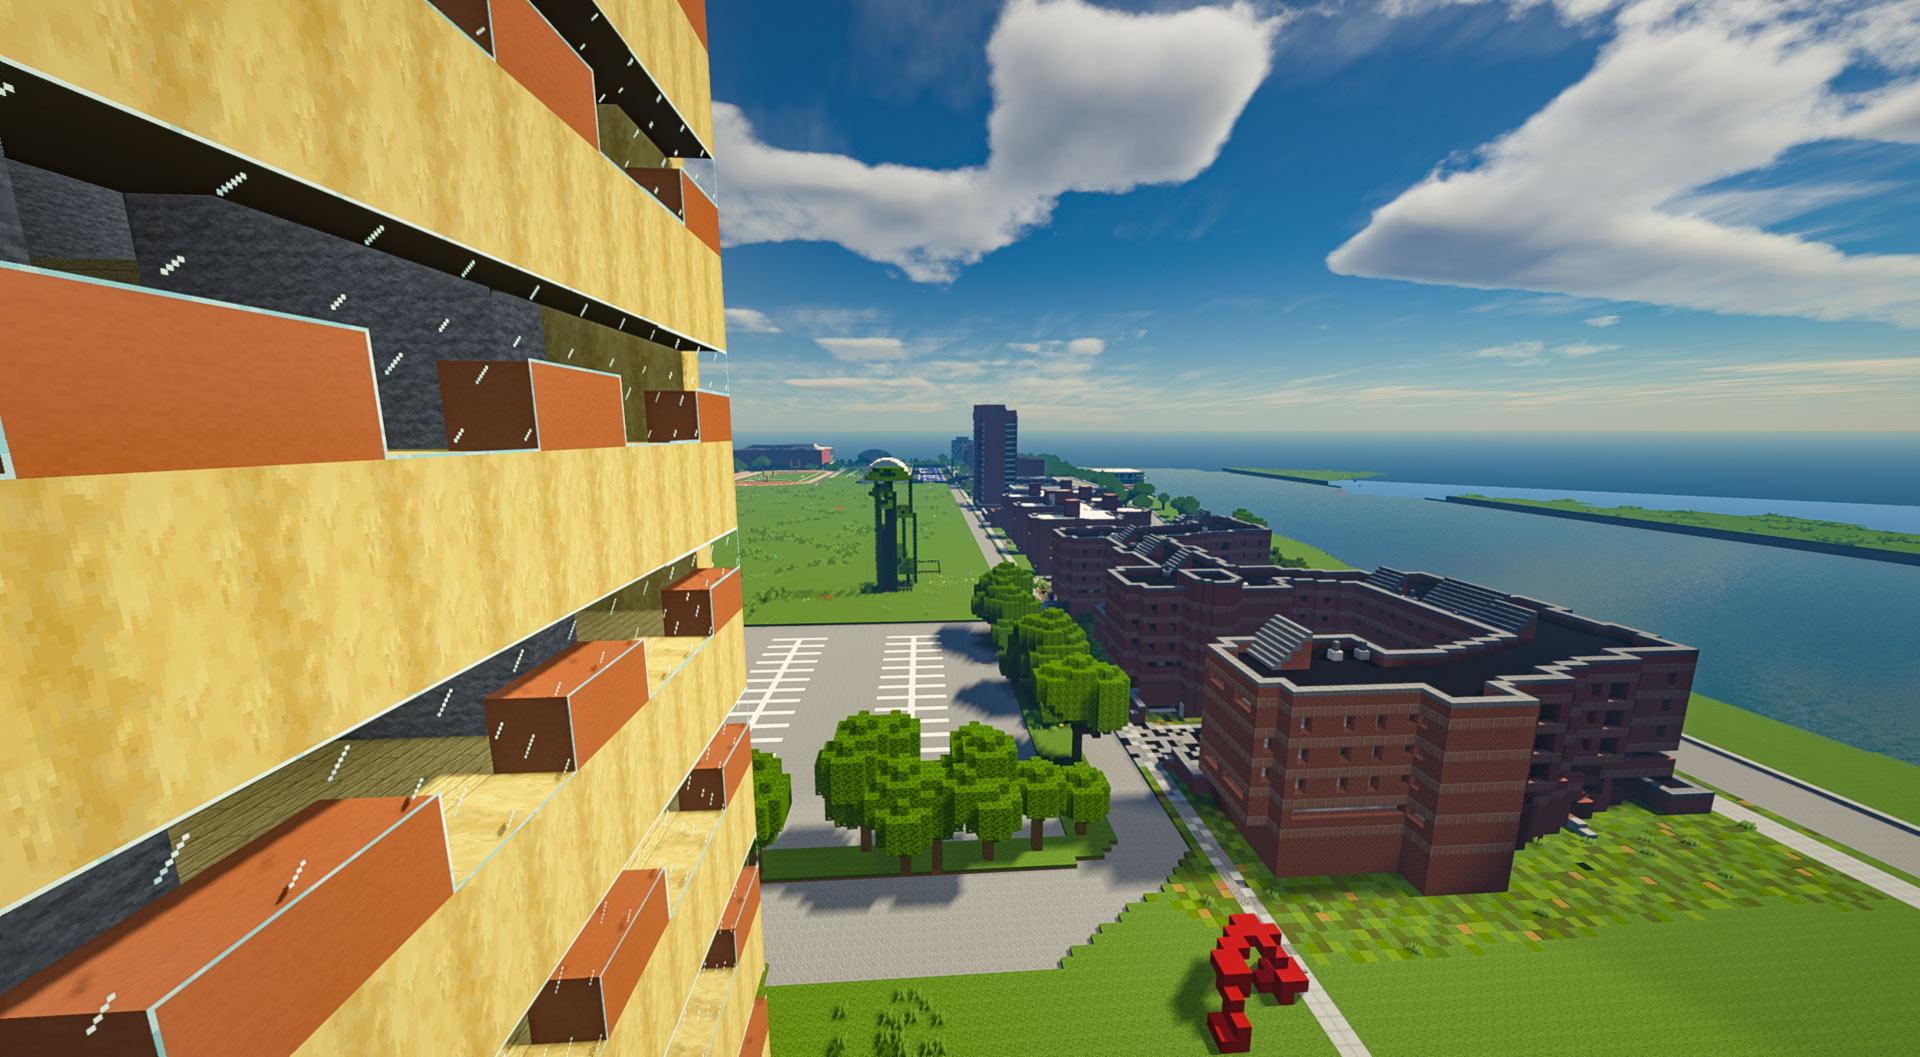 minecraft campus view